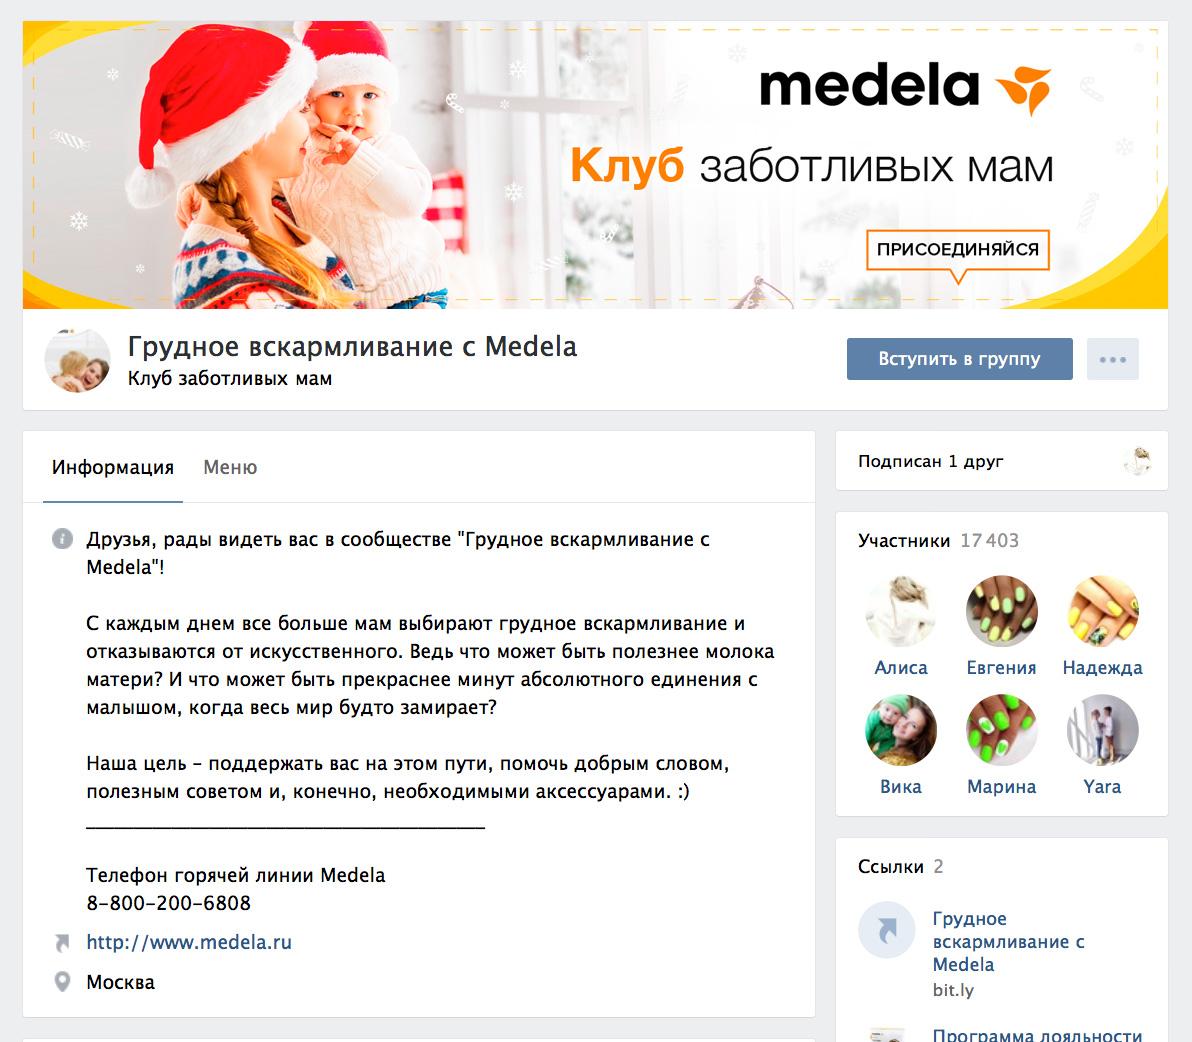 Вконтакте -  Клуб заботливых мам